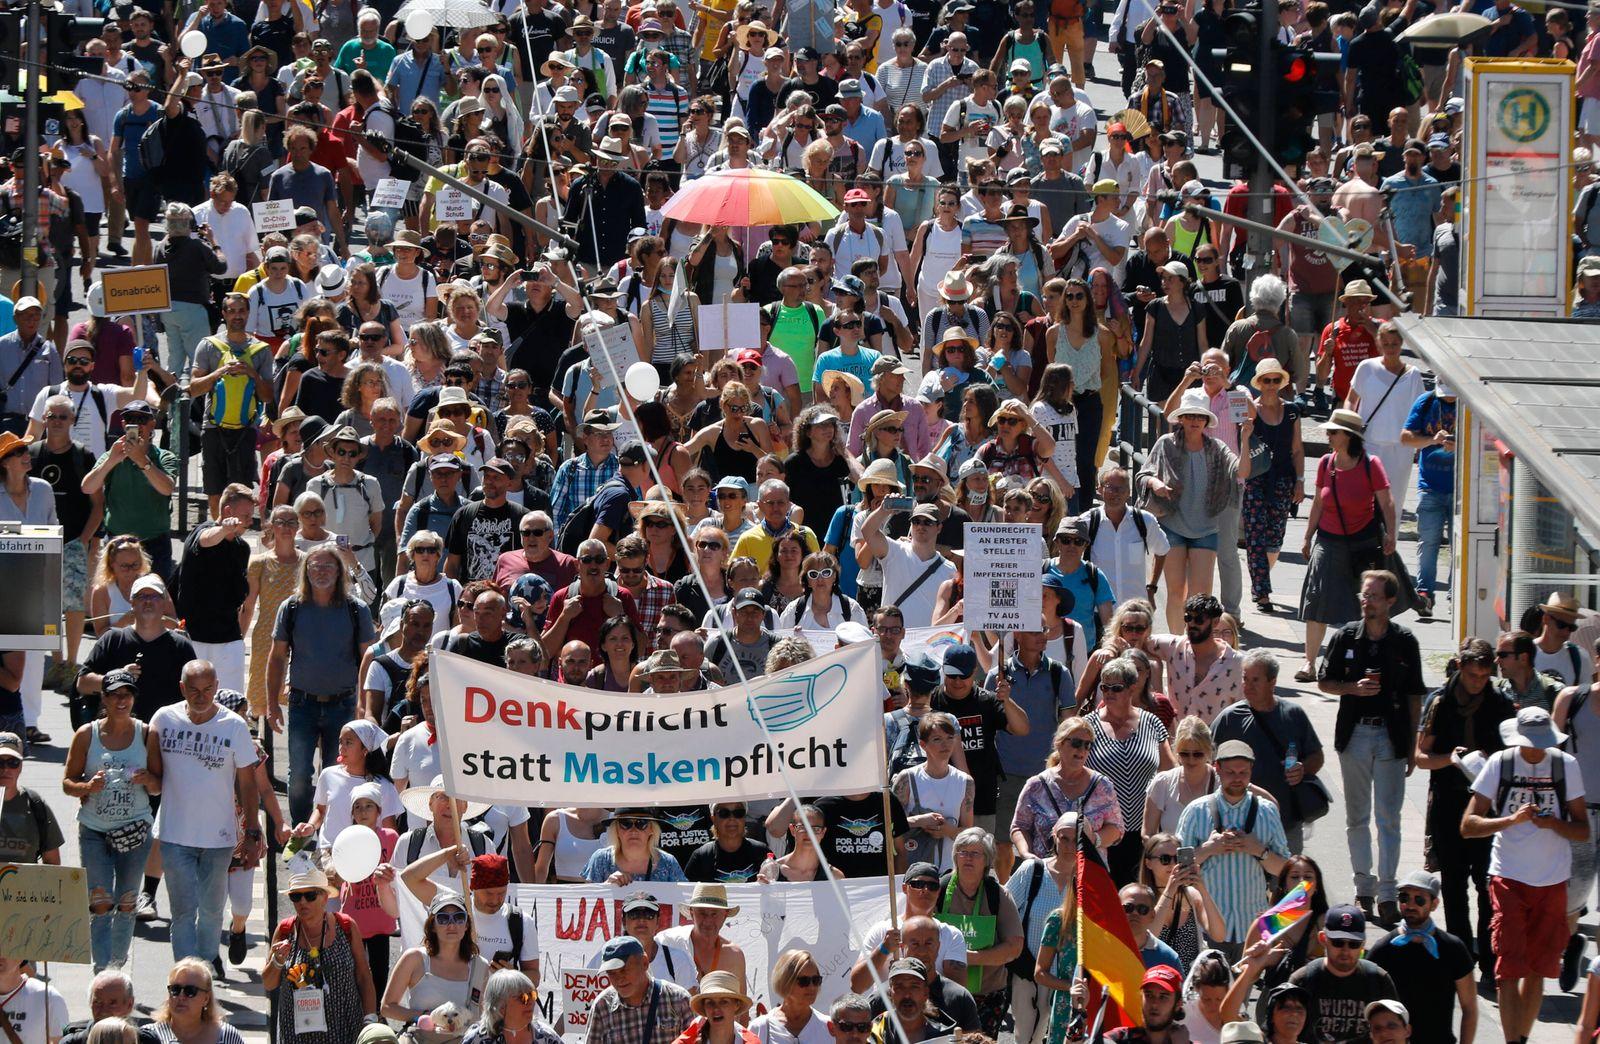 Berlin, DEU, 01.08.20220 -In Berlin demonstrieren Tausende Corona-Leugner gegen die Beschraenkungen in der Pandemie. Ab